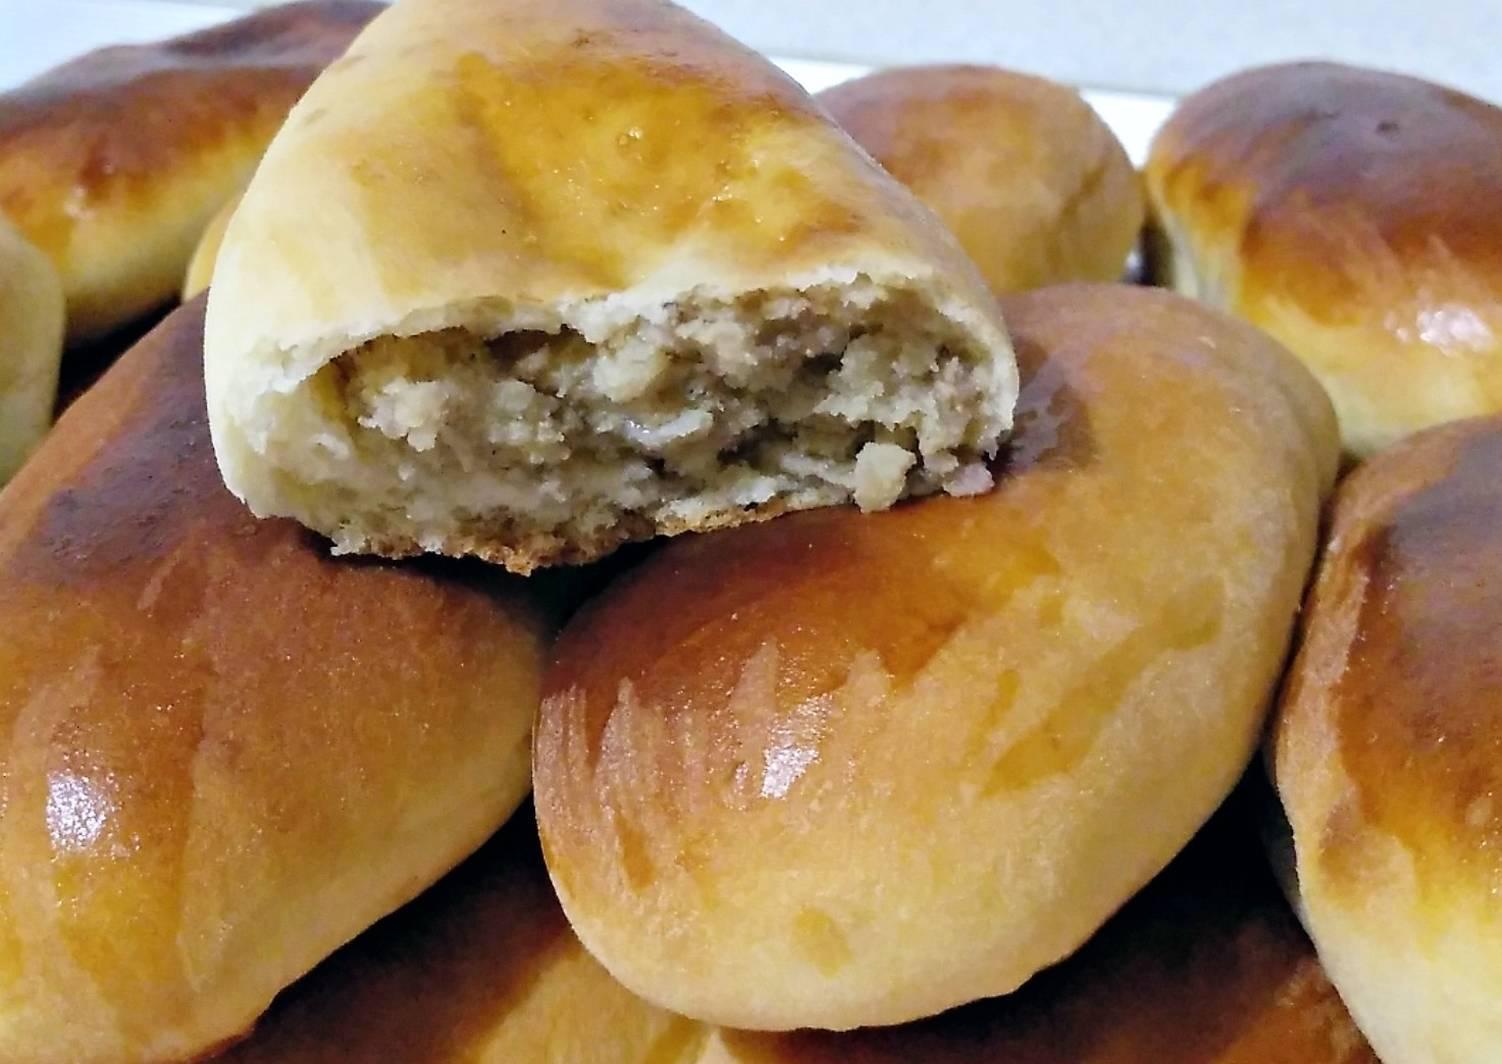 пирожки с картошкой фото как пончики рецепт офисе вынуждает человека